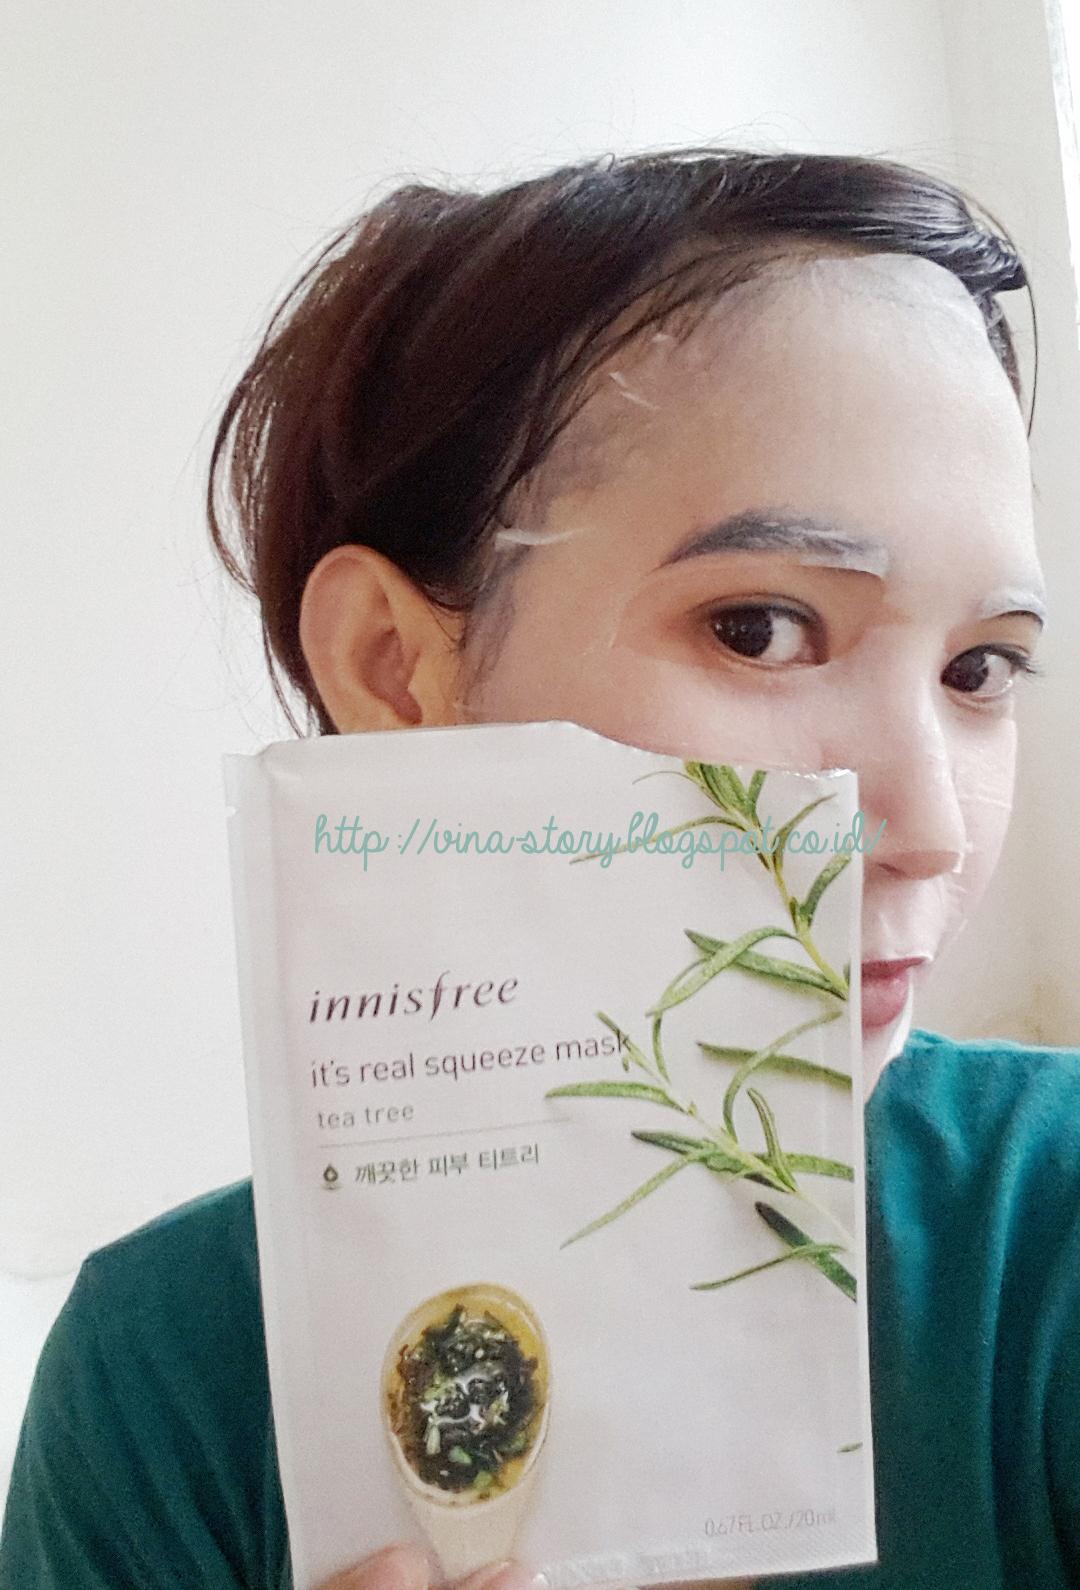 Vina Story Innisfree Its Real Squeeze Mask Masker Wajah Sheet Seperti Kalian Tahu Tea Tree Identik Dikenal Sebagai Anti Acne Dan Dapat Membantu Mengontrol Minyak Berlebih Di Karena Tipe Kulitku Berminyak